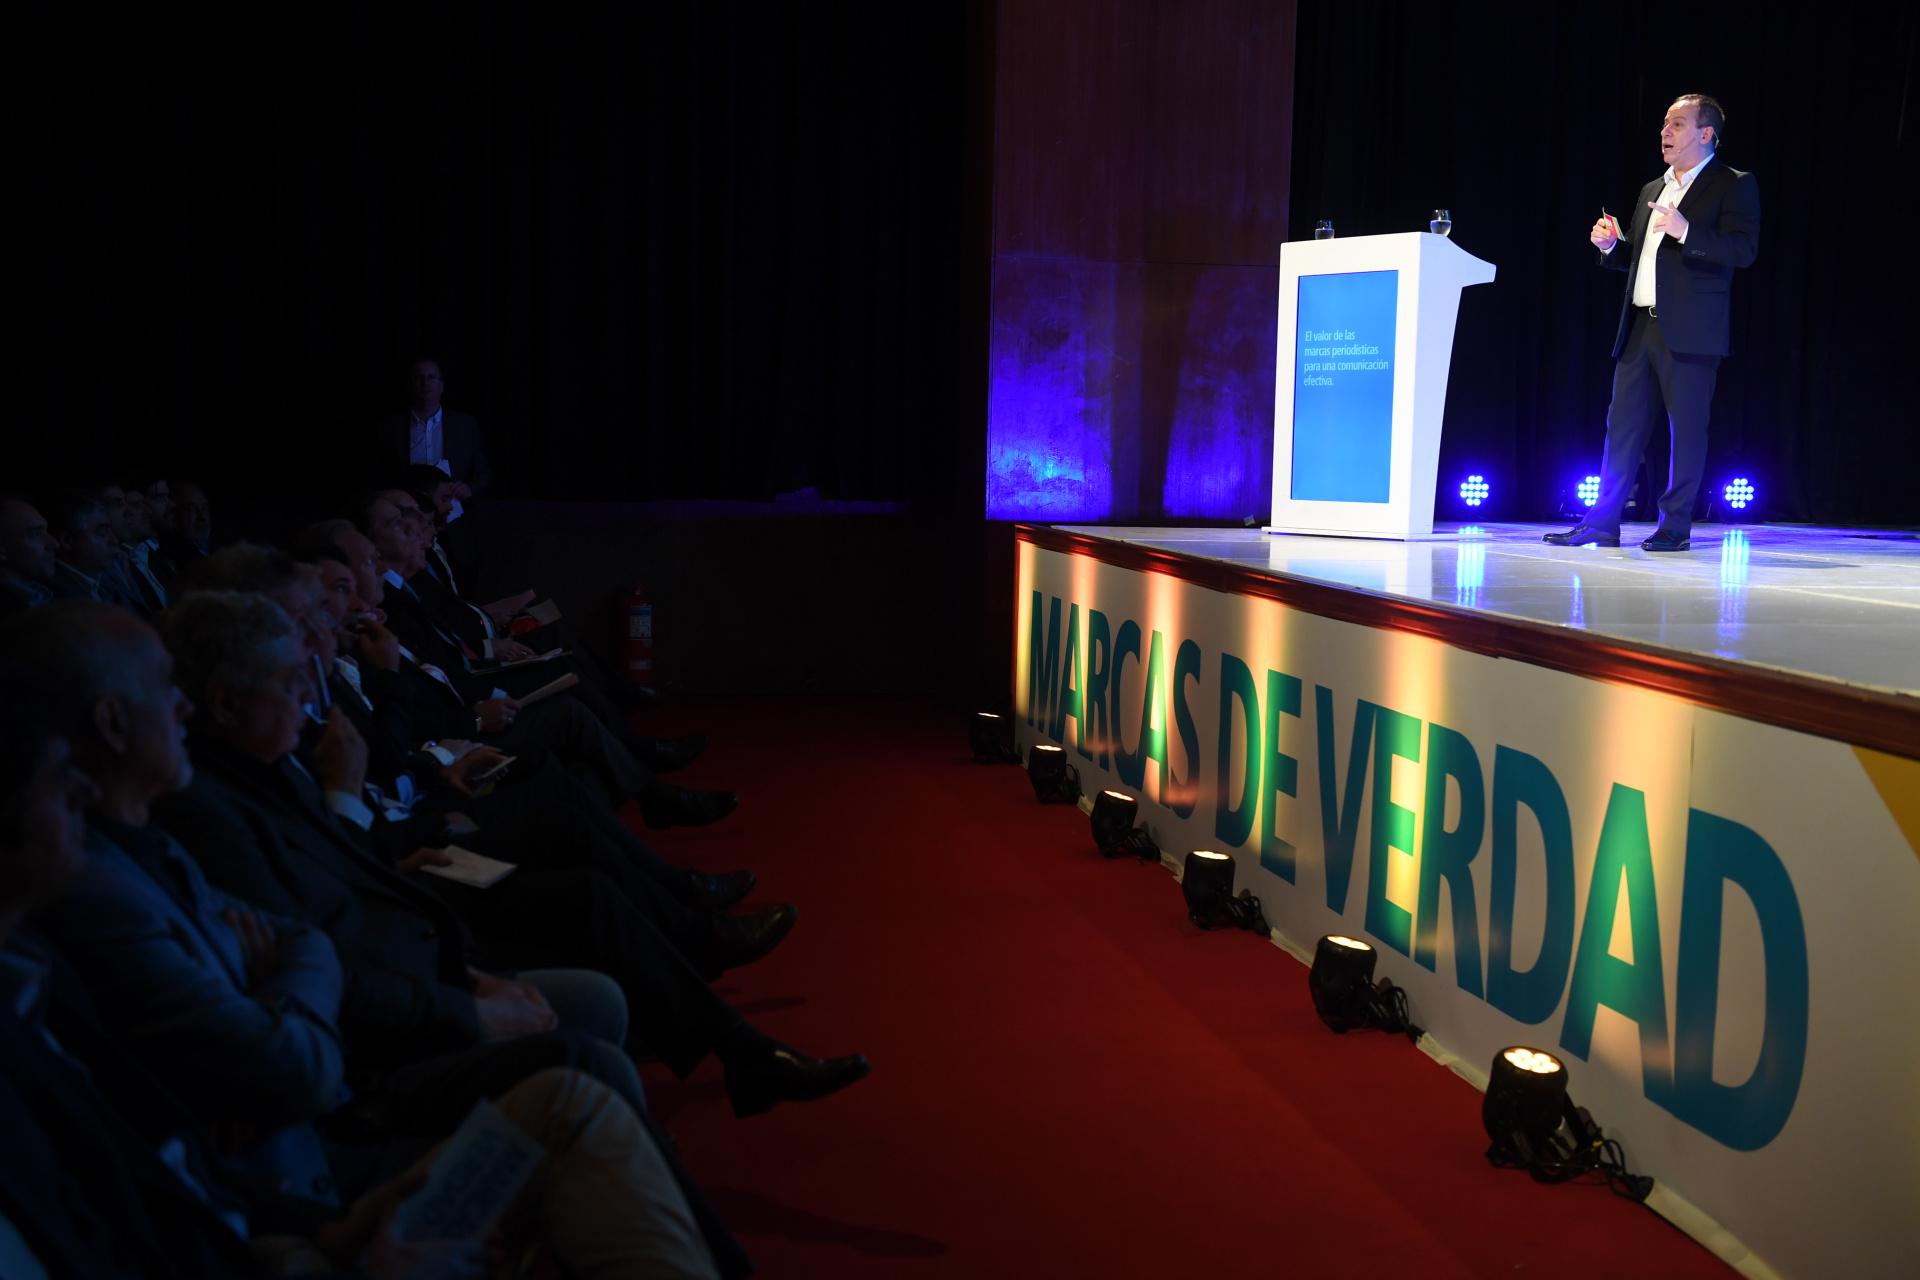 El evento buscó destacar el valor de las marcas periodísticas para una comunicación efectiva